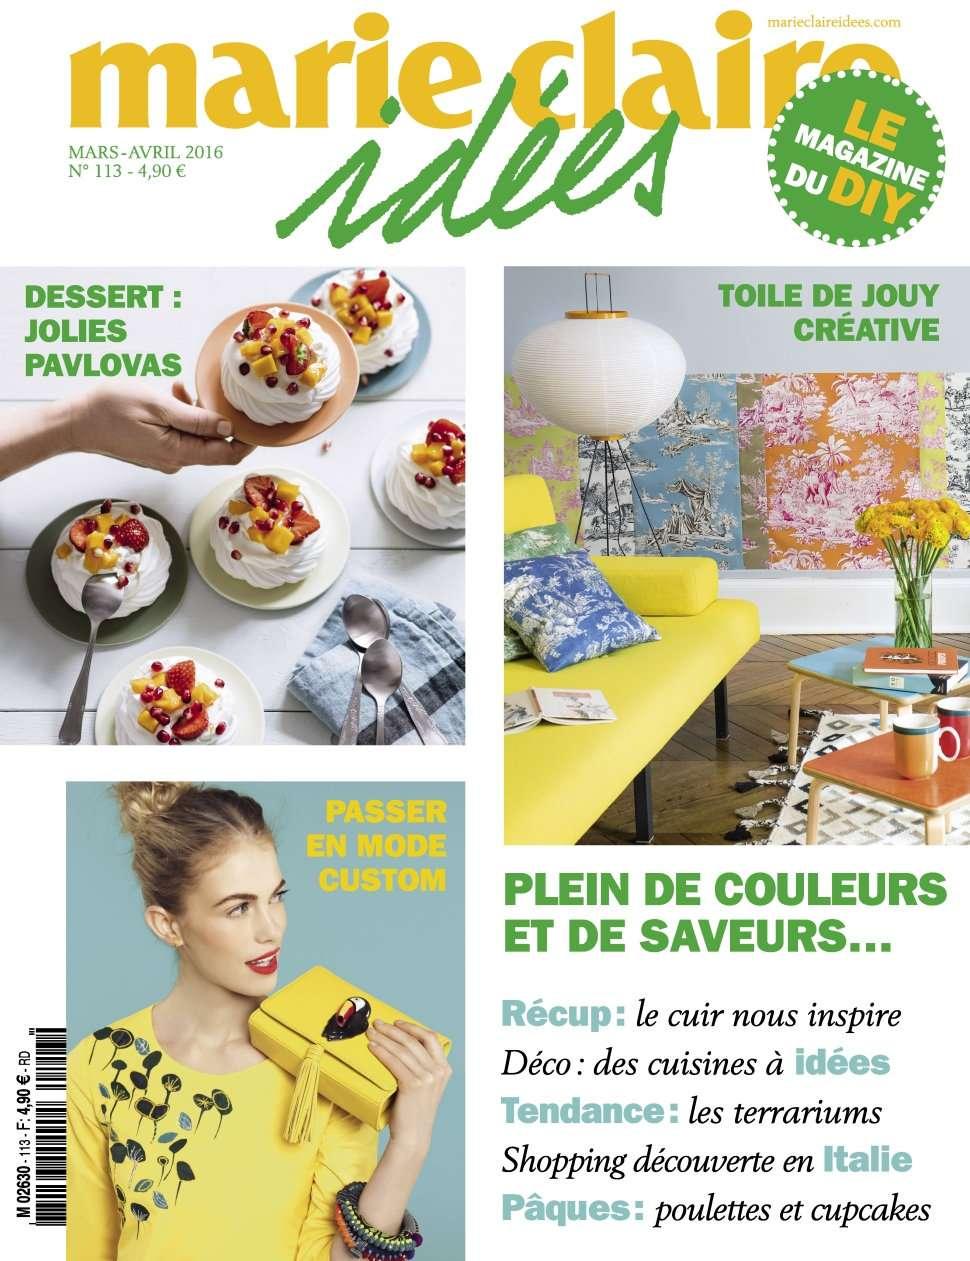 Marie Claire Idées 113 - Mars/Avril 2016